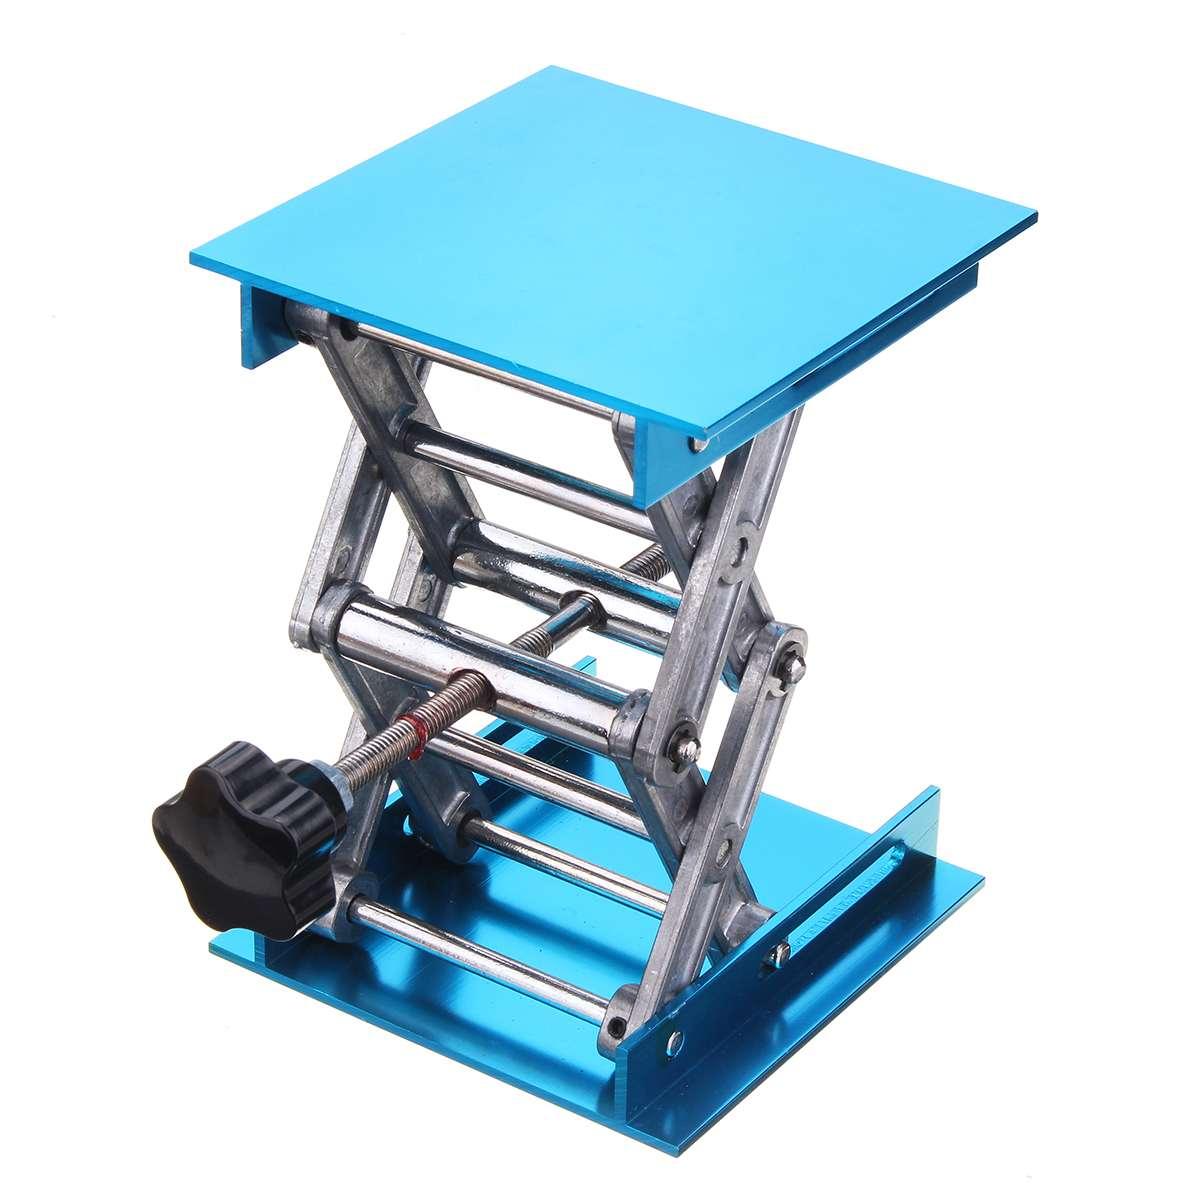 12 w 12000 mW 12 v bricolage CNC graveur Laser USB métal pierre gravure Machine bureau bois routeur/Cutter/imprimante pour Windows 7/8/10 - 4